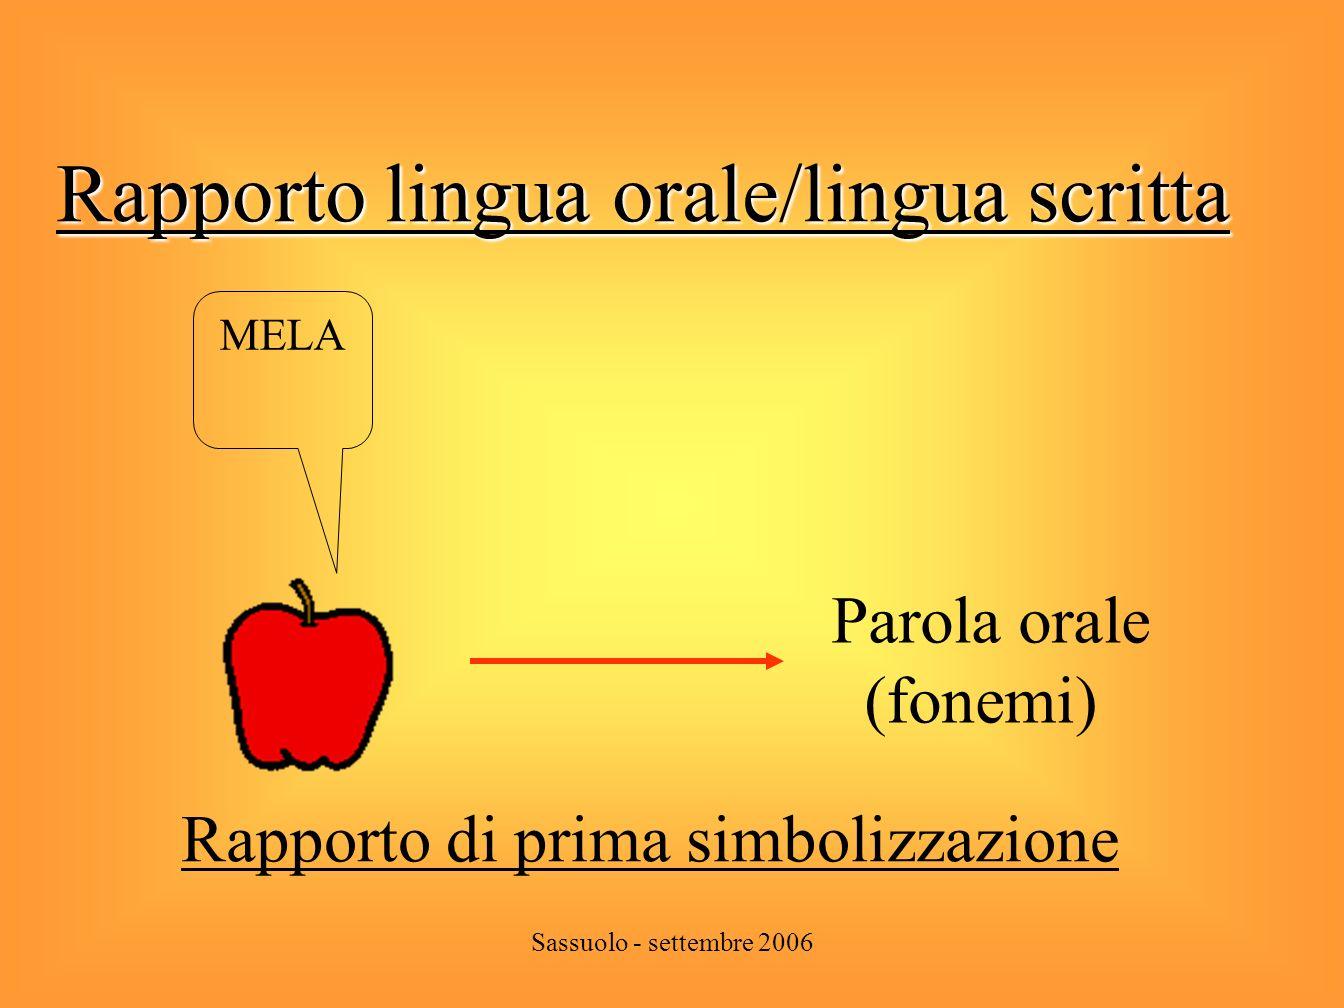 Sassuolo - settembre 2006 Rapporto di seconda simbolizzazione Parola orale (fonemi) Parola scritta (grafemi) MELA Rapporto lingua orale/lingua scritta